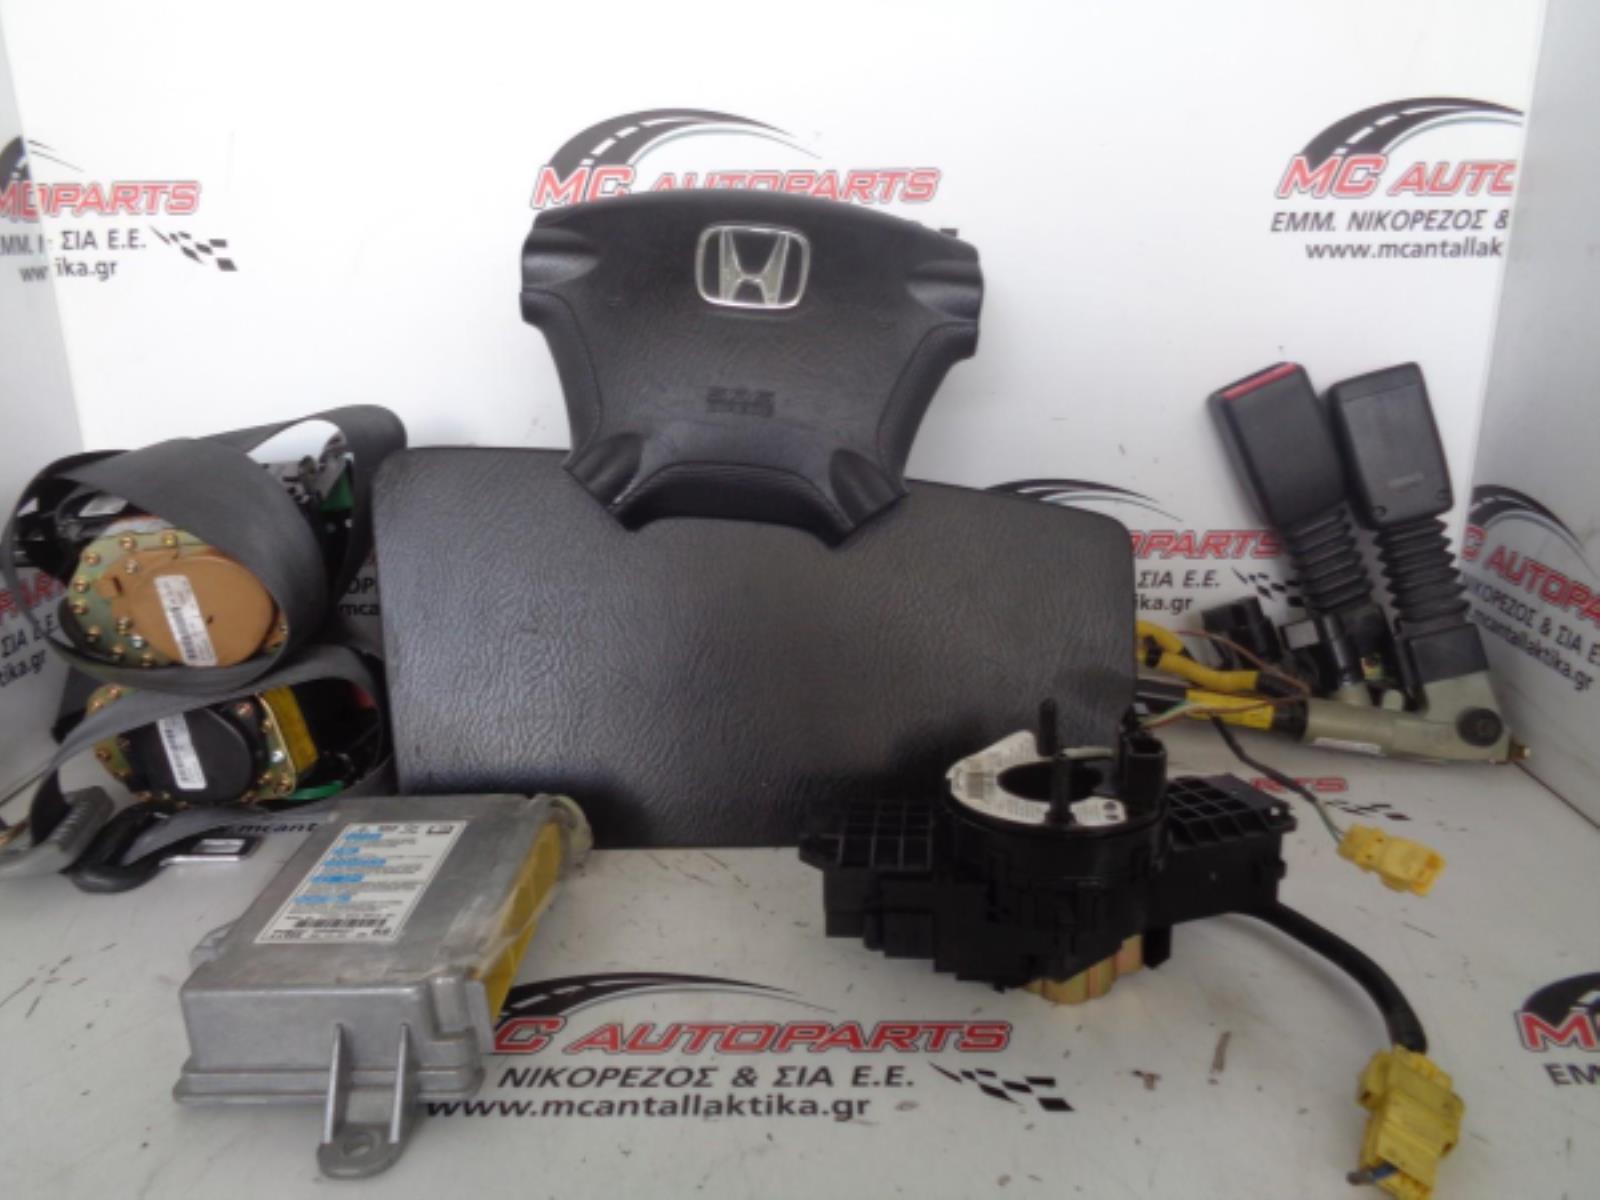 Εικόνα από Αερόσακος  Set  HONDA CR-V (2002-2007)     Οδηγού,συνοδηγού,2 ζώνες,2 προεντατήρες ζώνης,ταινία,εγκέφαλος airbag